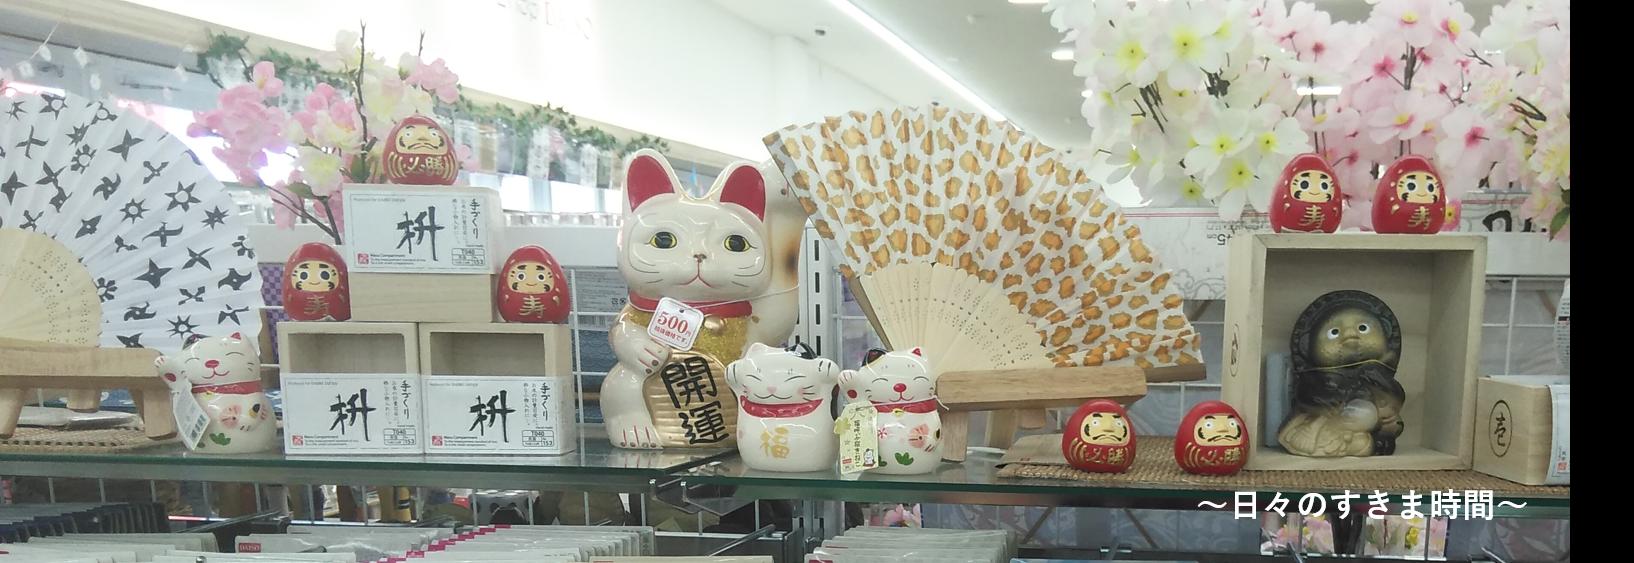 ダイソー招き猫